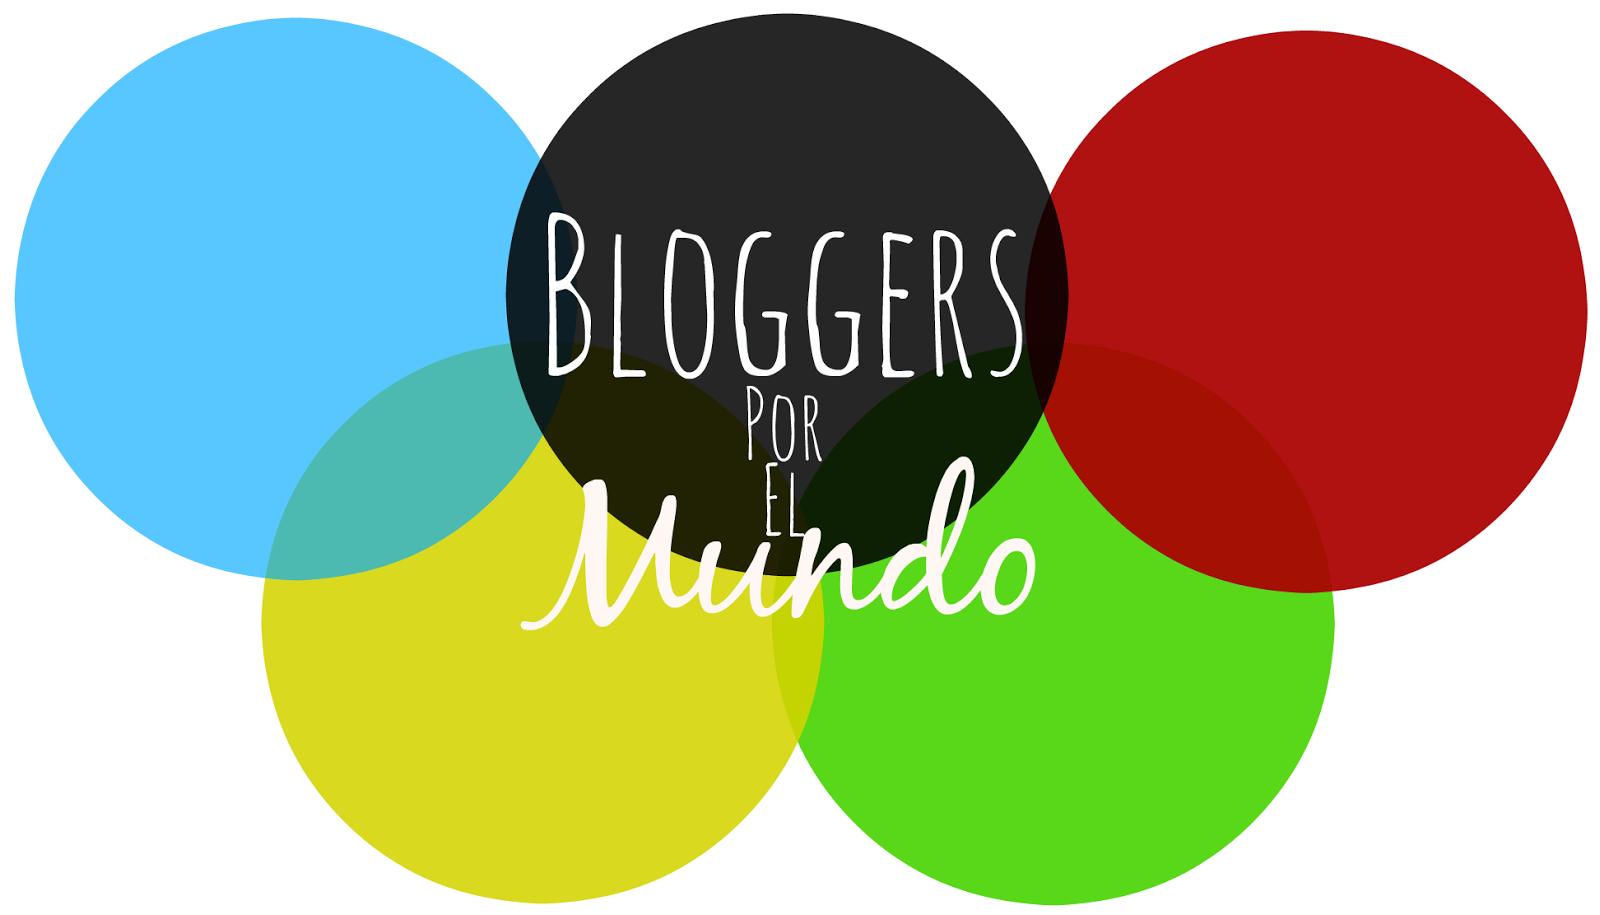 Blogger por el mundo!